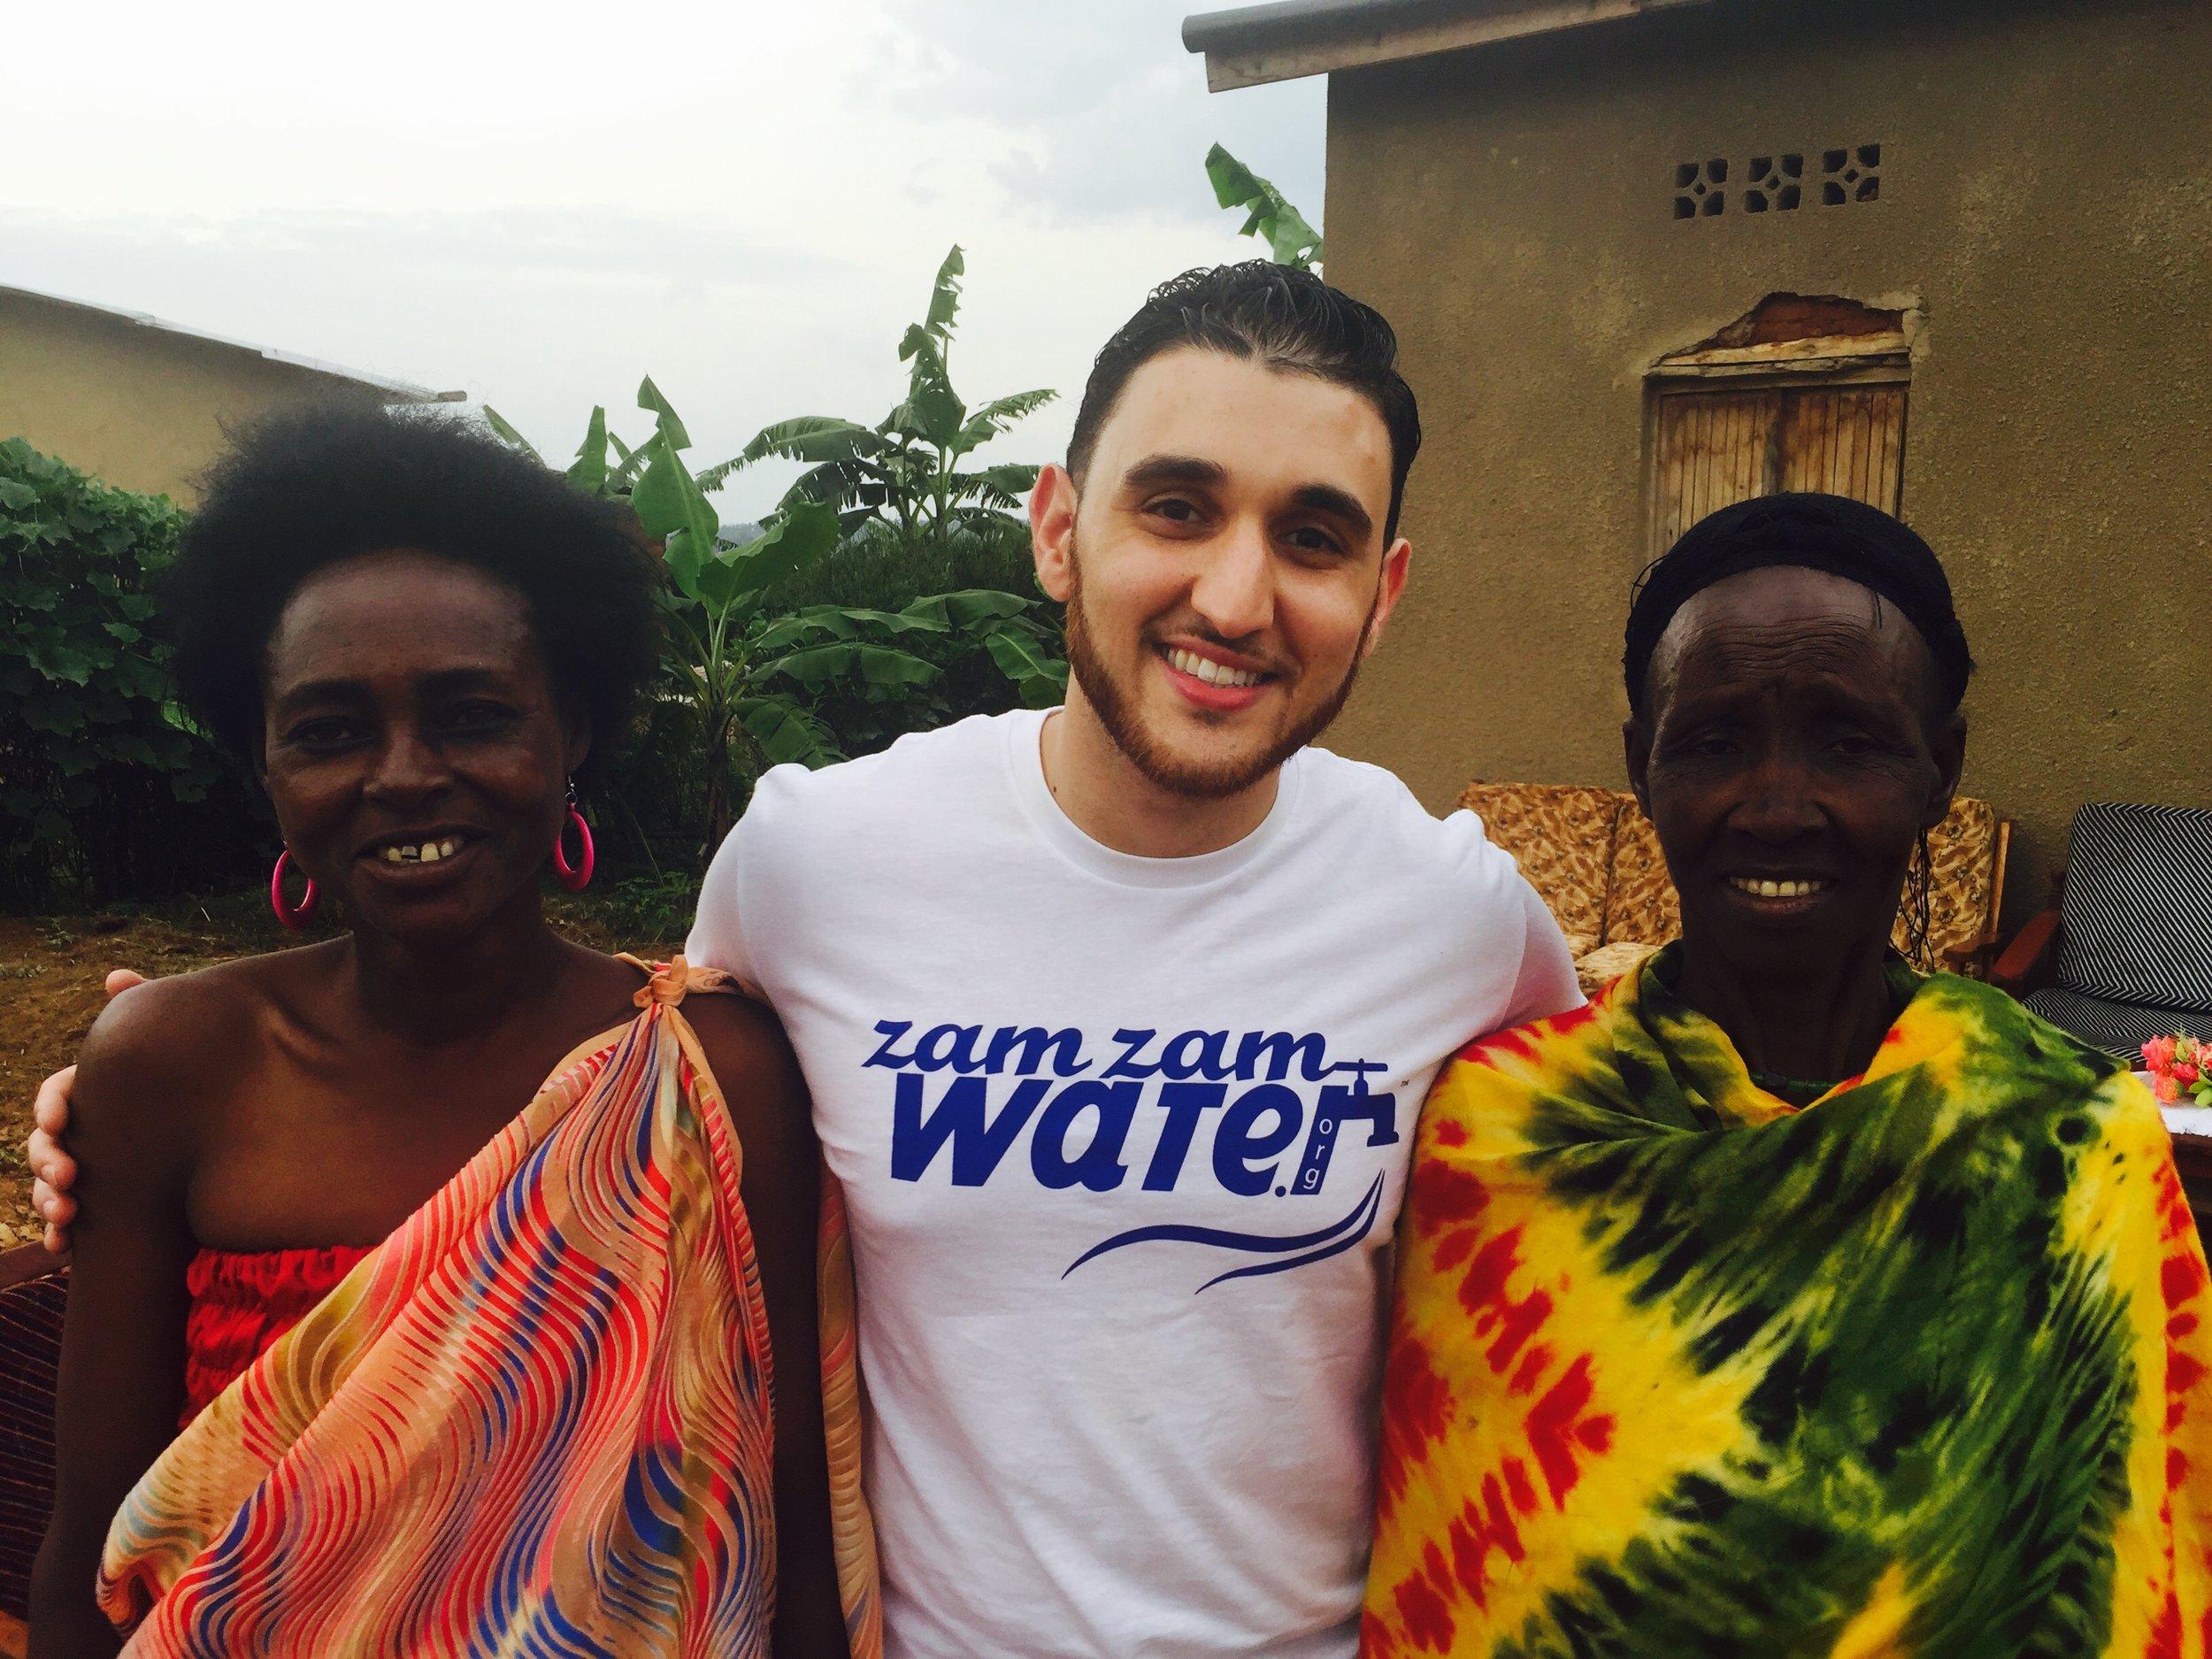 rwanda_jan16_001.jpg